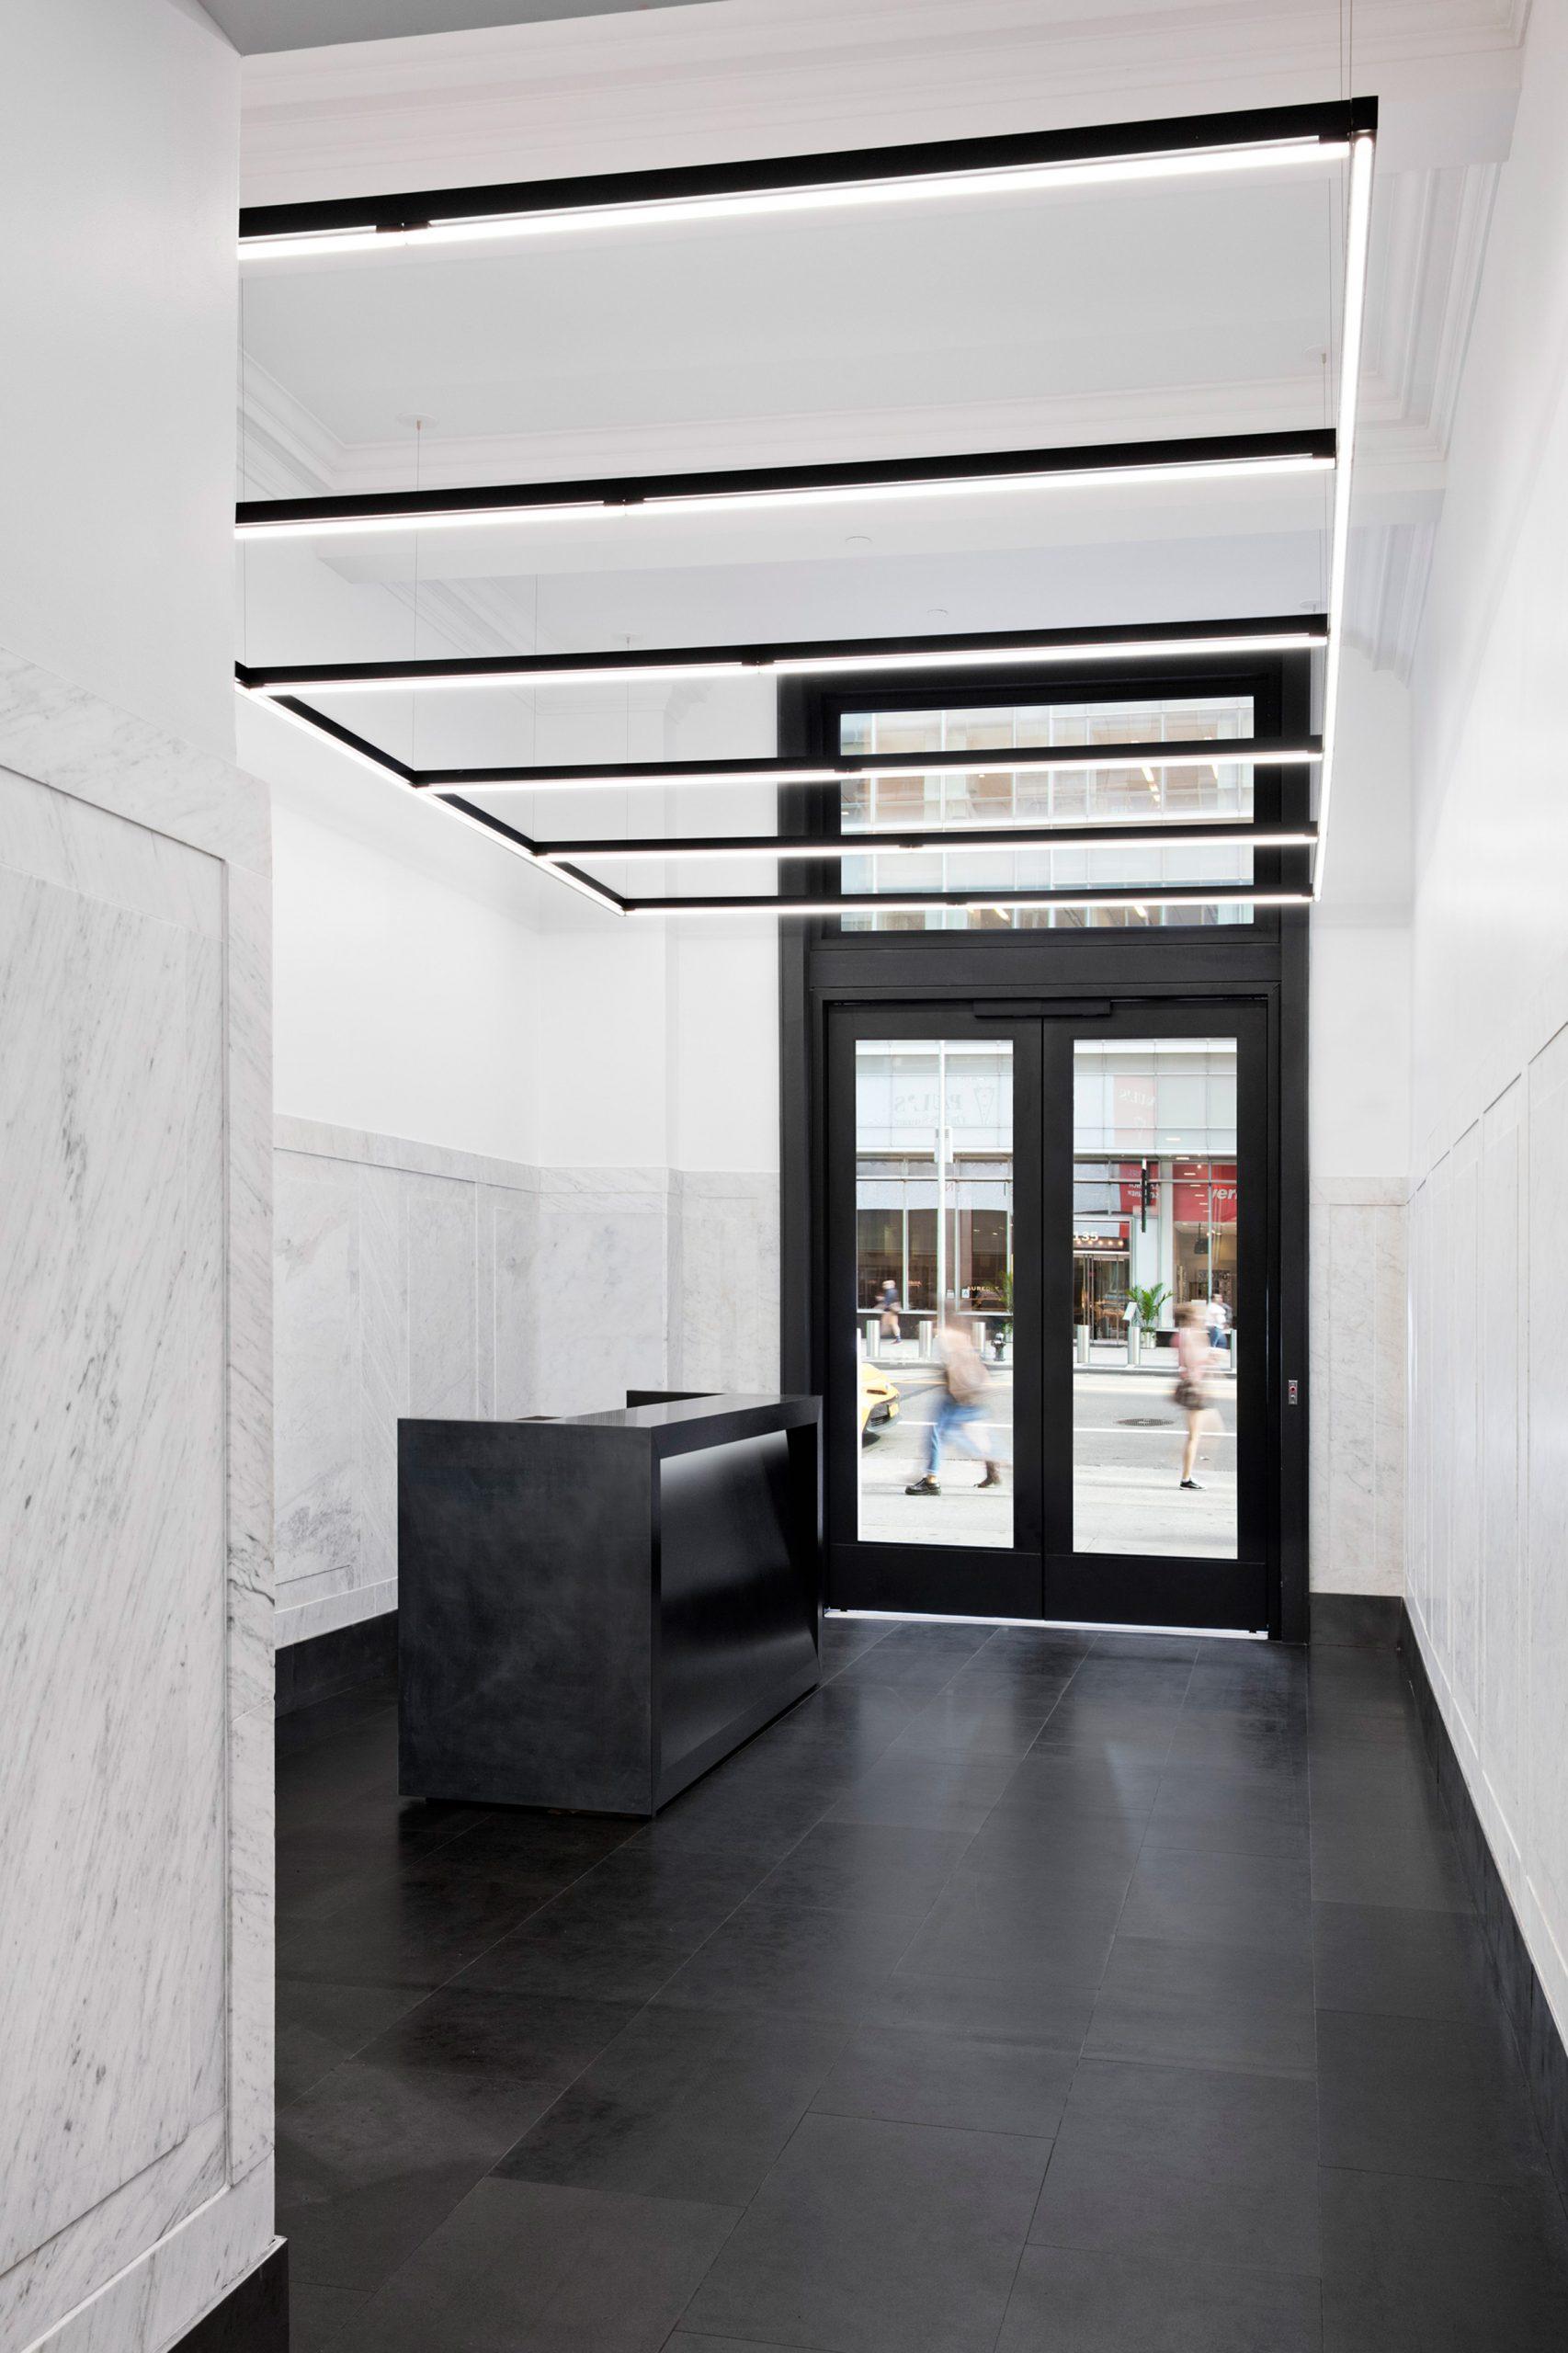 Thiết kế văn phòng hiện đại 12